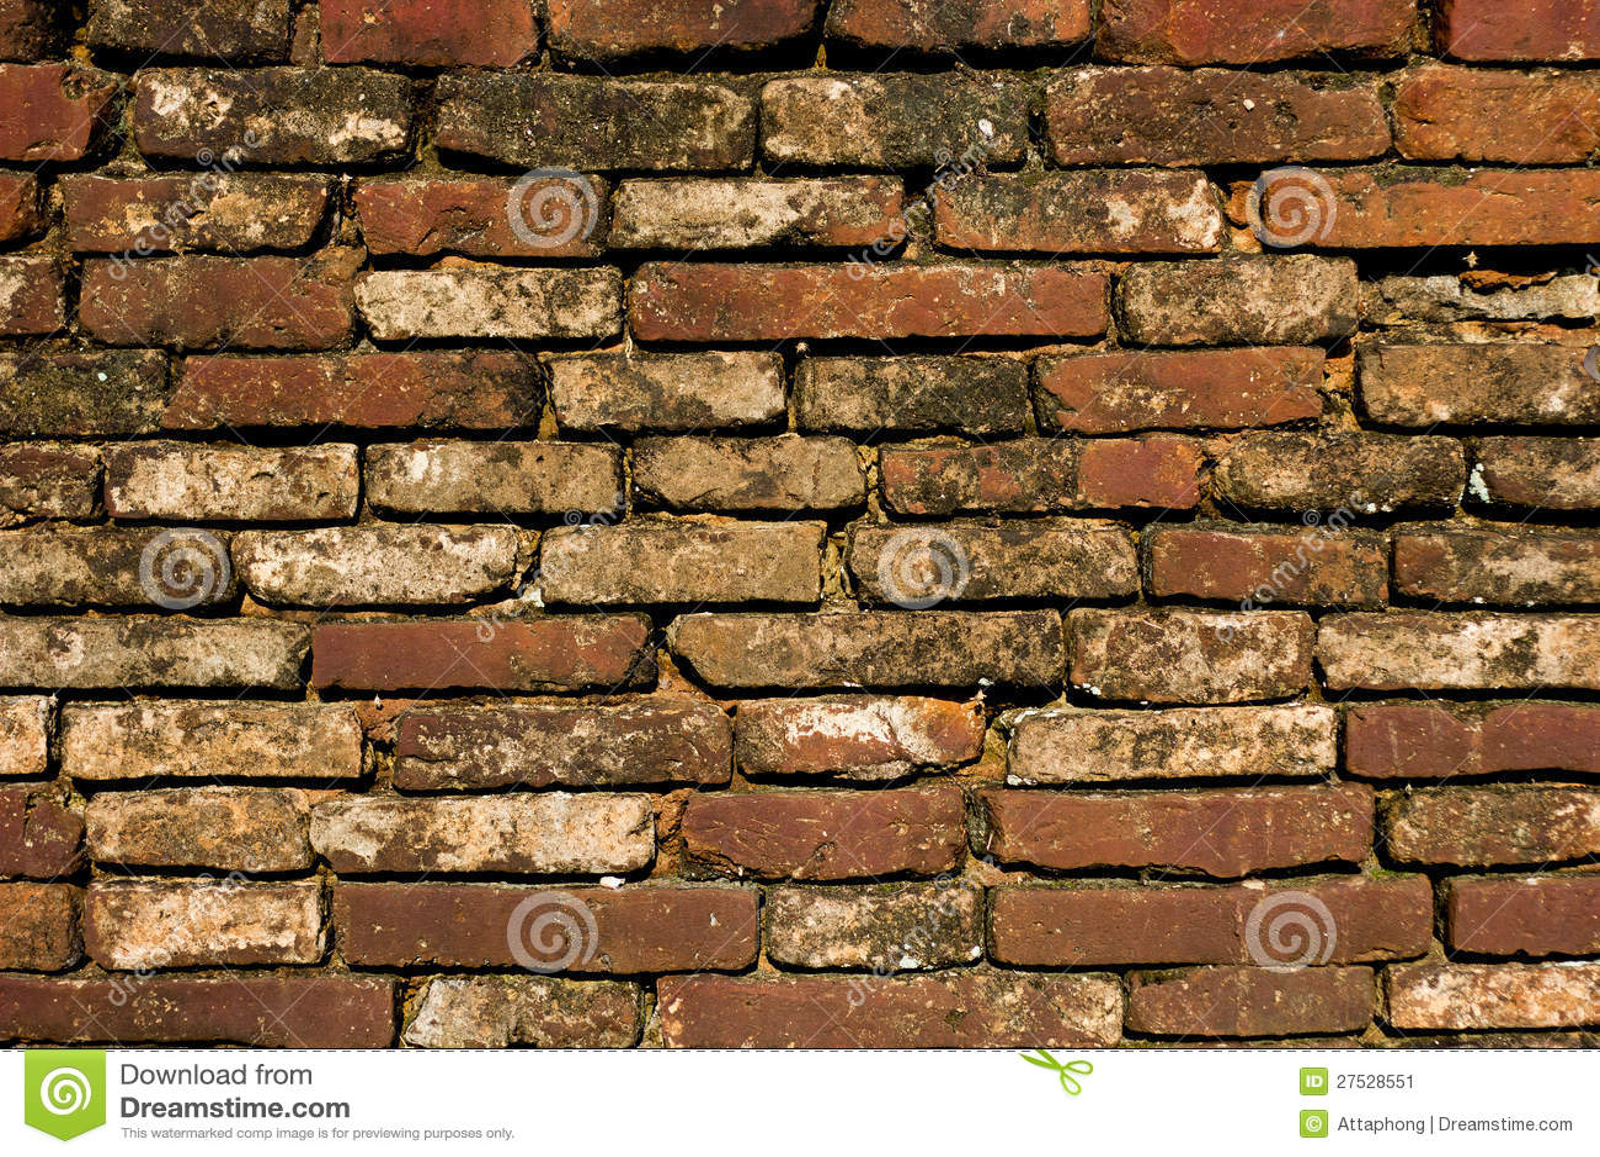 vieille texture de mur de briques image stock image du brun personne 27528551. Black Bedroom Furniture Sets. Home Design Ideas